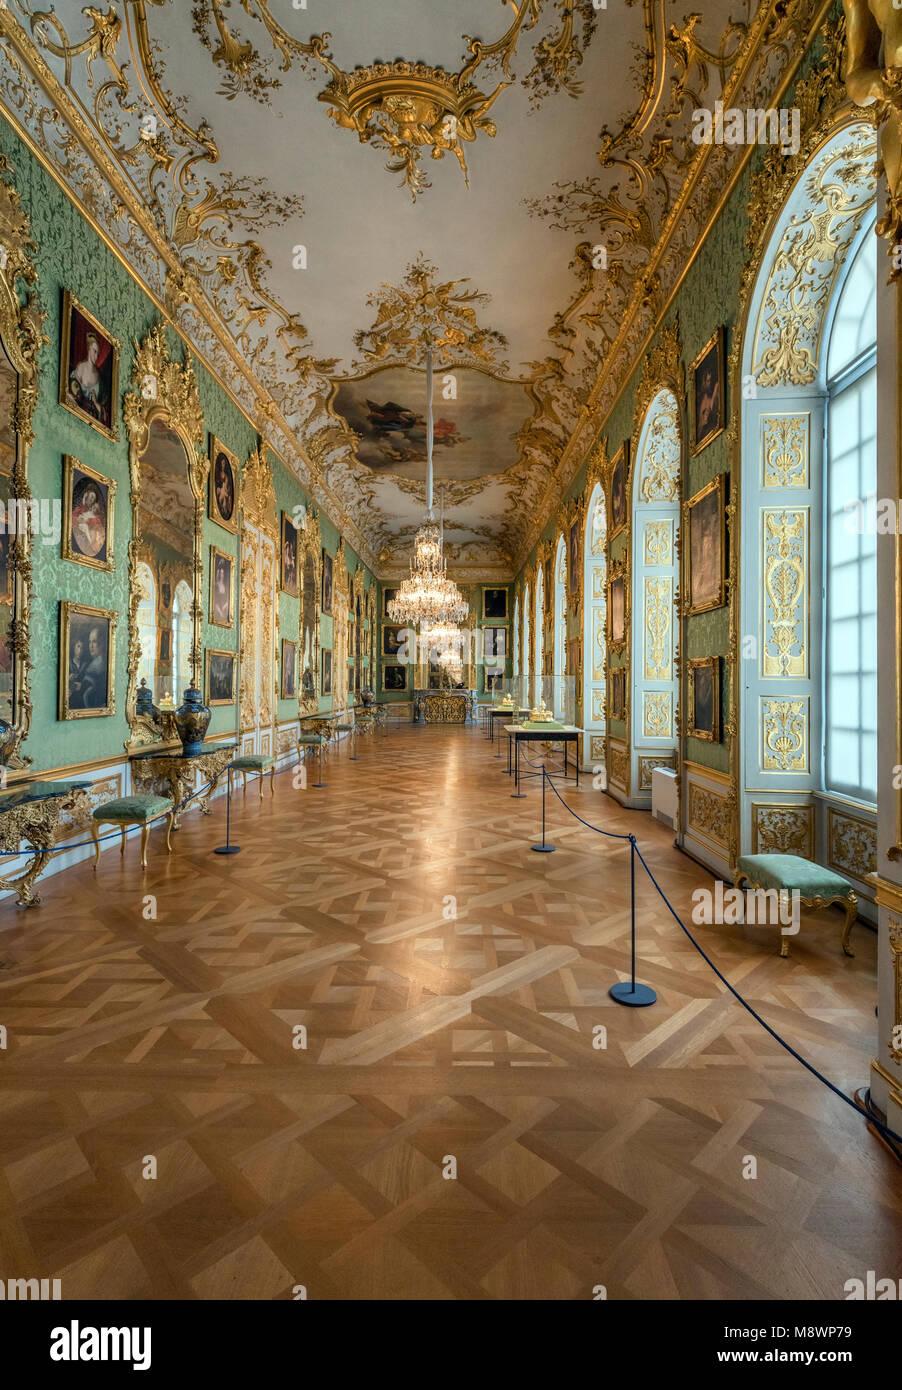 Der Münchner Residenz diente als Sitz der Regierung und der Residenz der bayerischen Herzöge, Kurfürsten und Könige Stockfoto